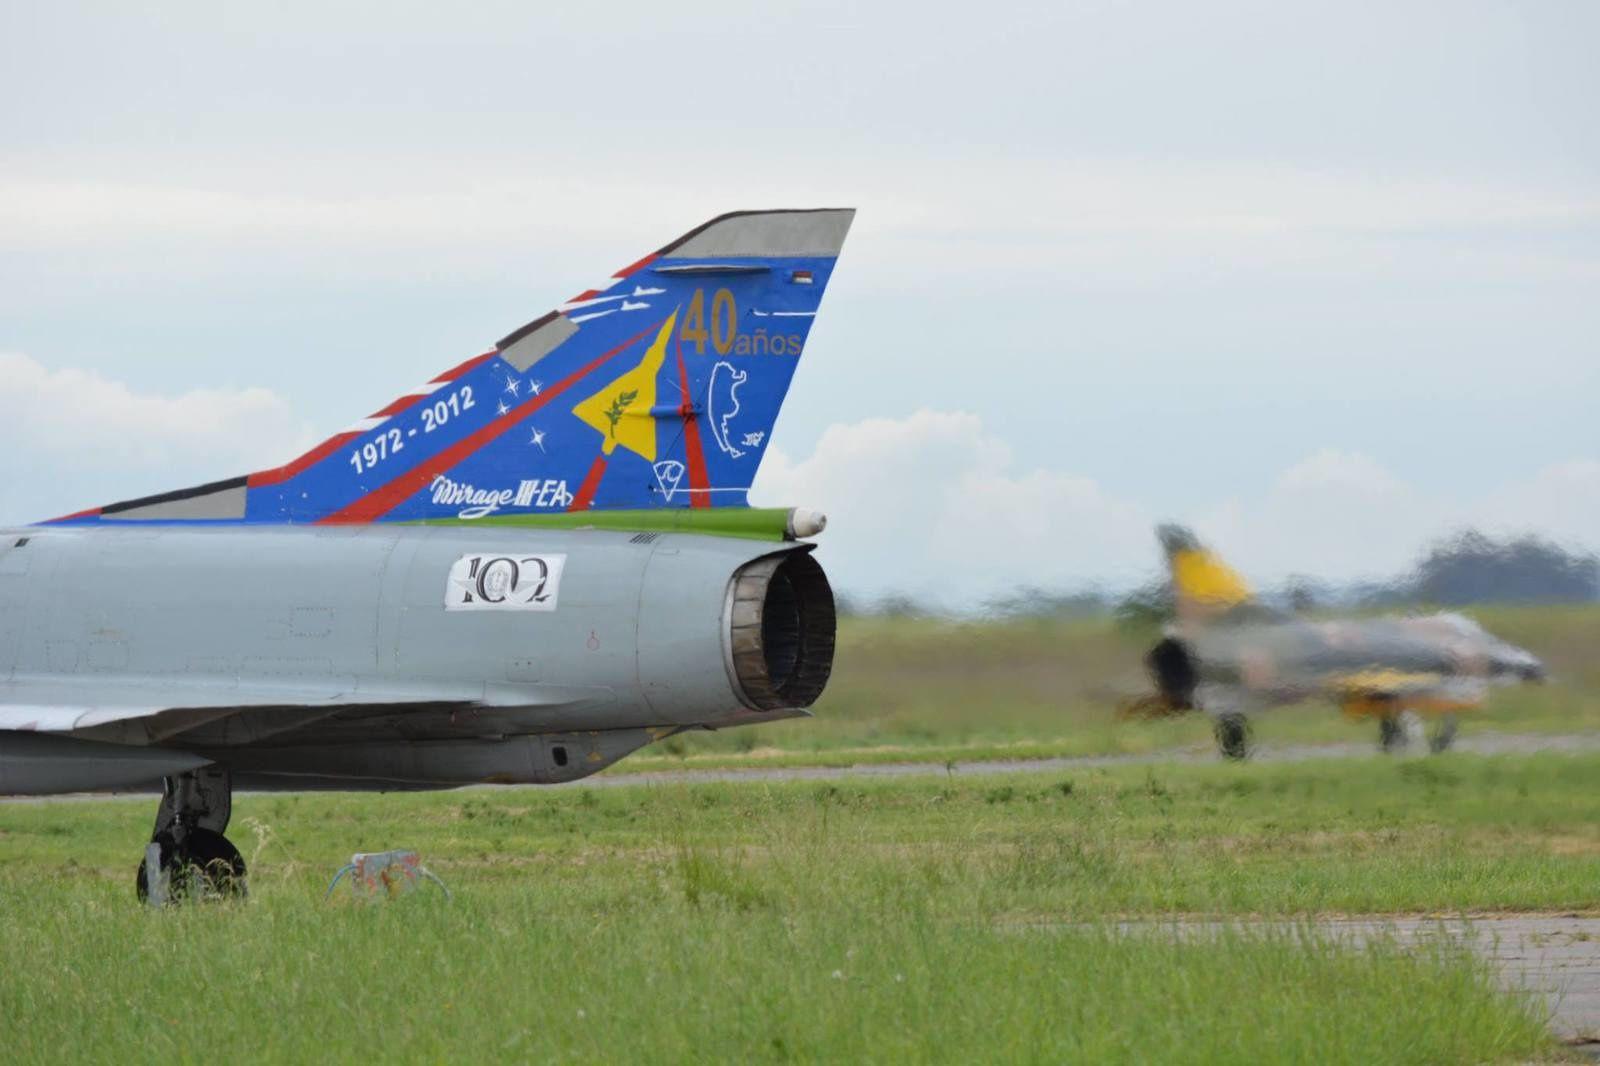 1972-2012 : 40 ans du Mirage IIIEA. Certains autocollants posés sur les appareils n'ont pas tenu lors des démonstrations aériennes.